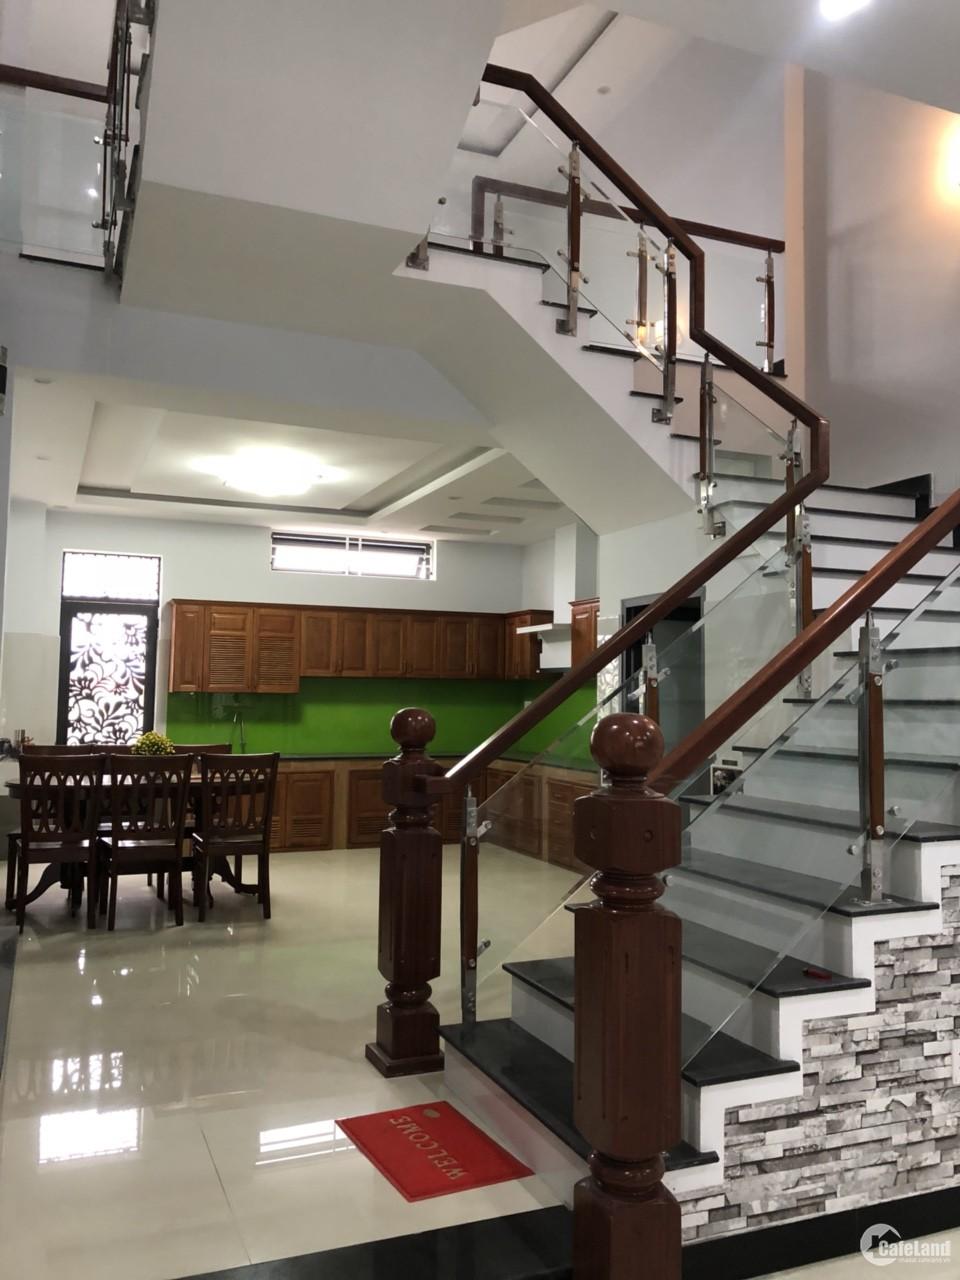 Bán nhà mặt tiền đường Gò Nảy 4, Liên Chiểu, Đà Nẵng.Song song Hoàng Thị Loan